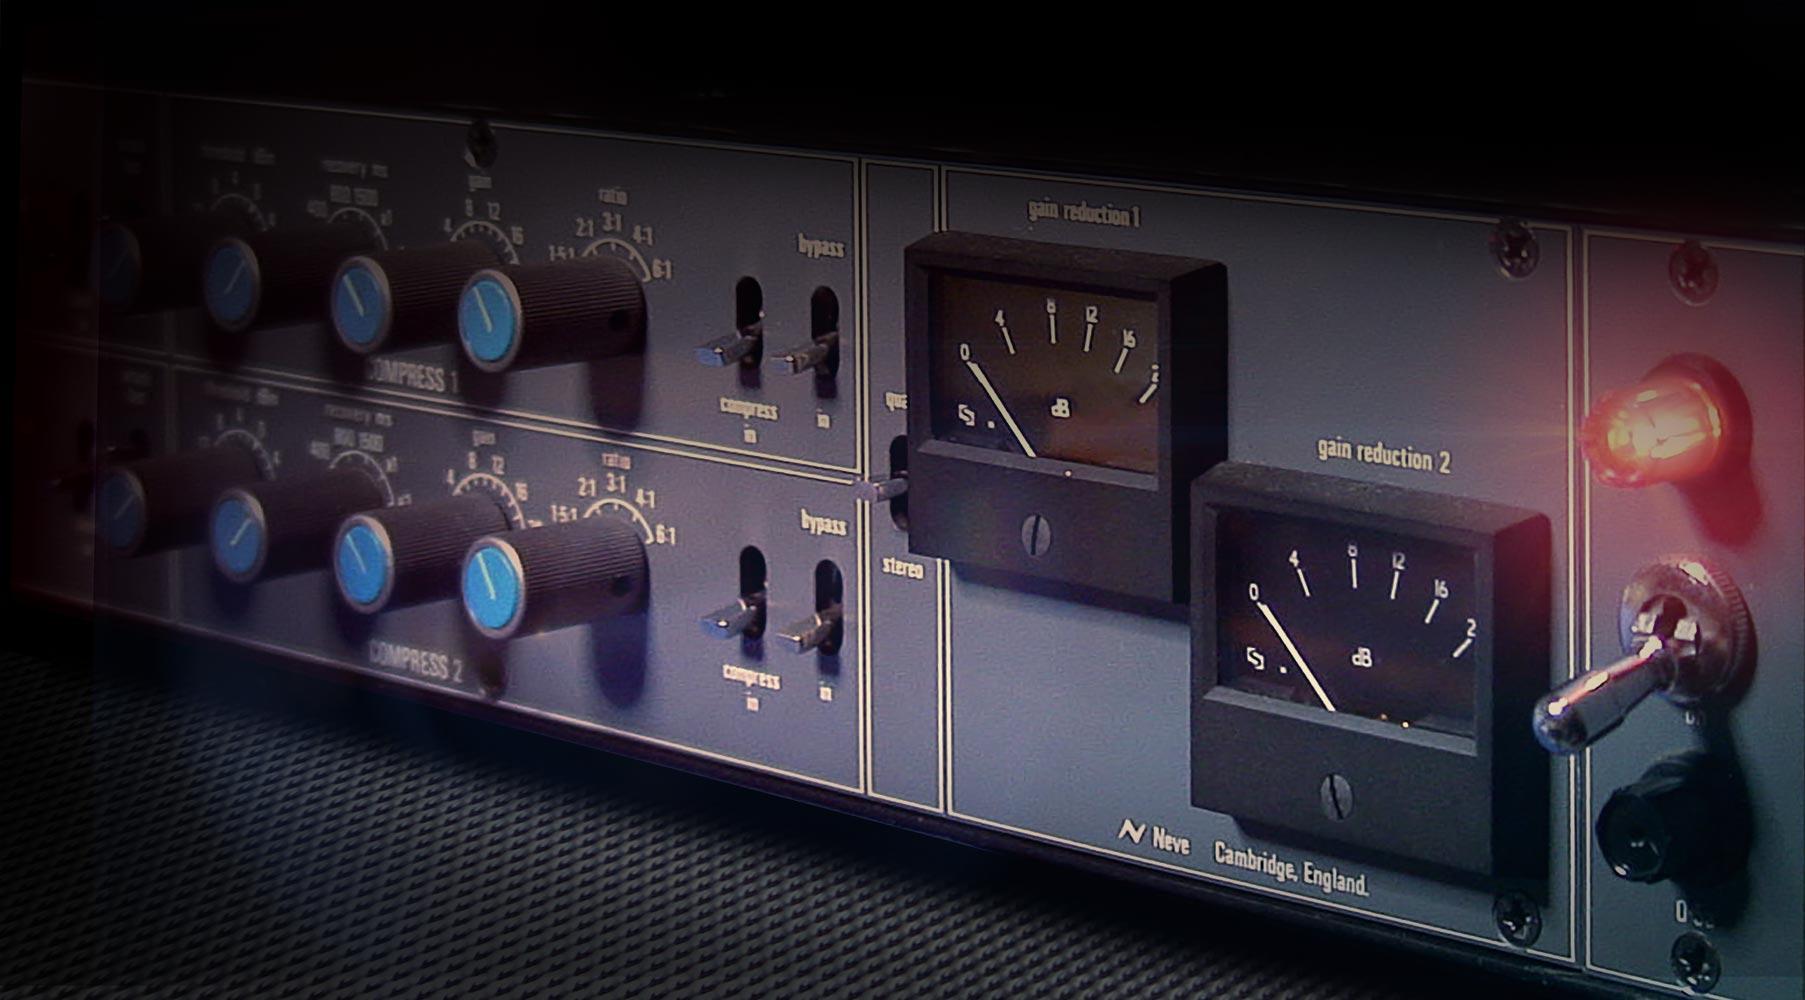 Neve® 33609 / 33609SE Compressor